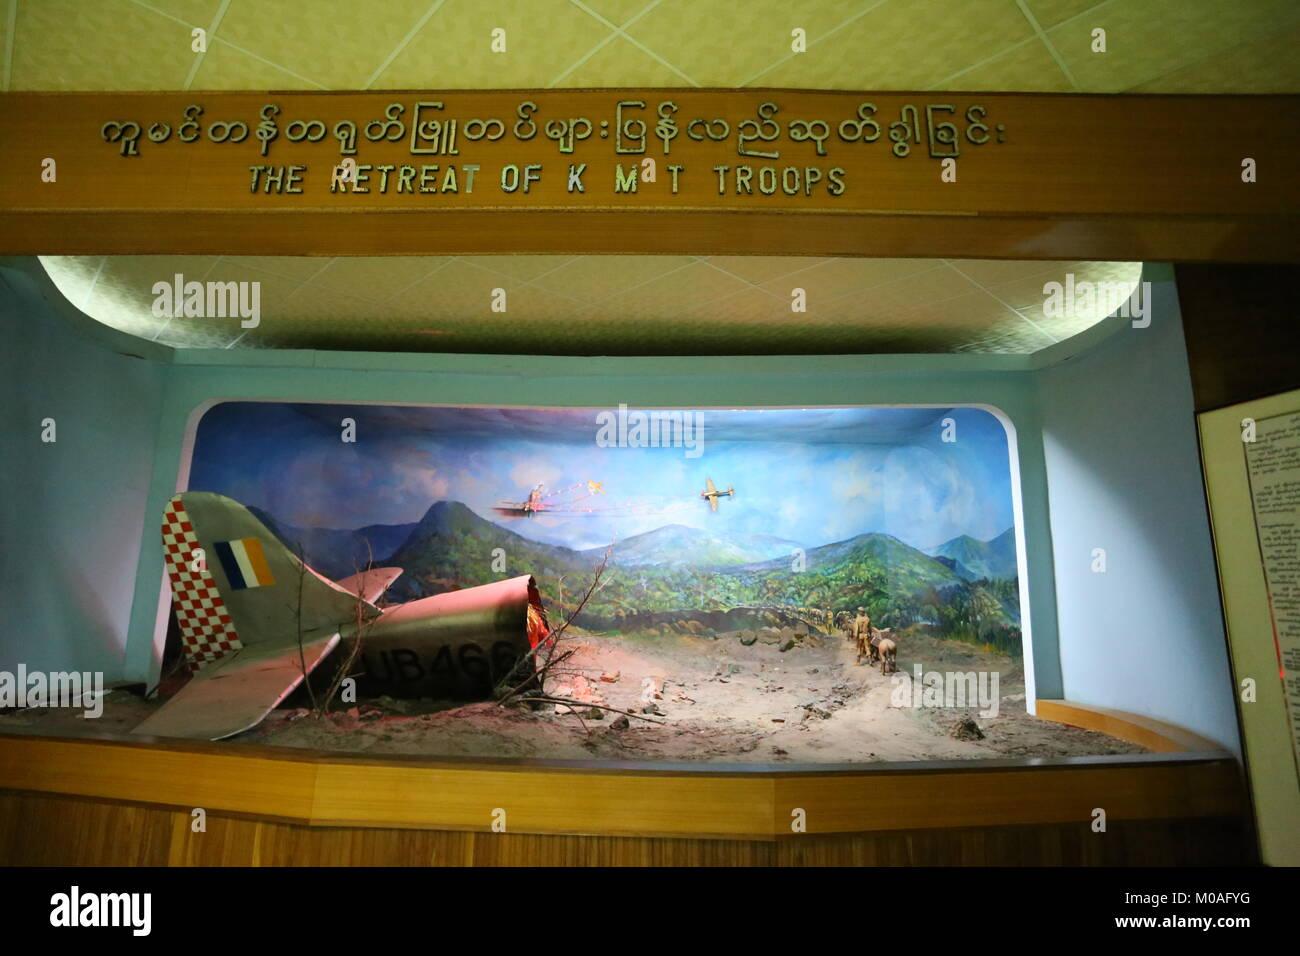 Das Museum in Yangon ist mit Anzeige von Warnungen über die Gefahren und Risiken der Drogenabhängigkeit gefüllt. Stockfoto